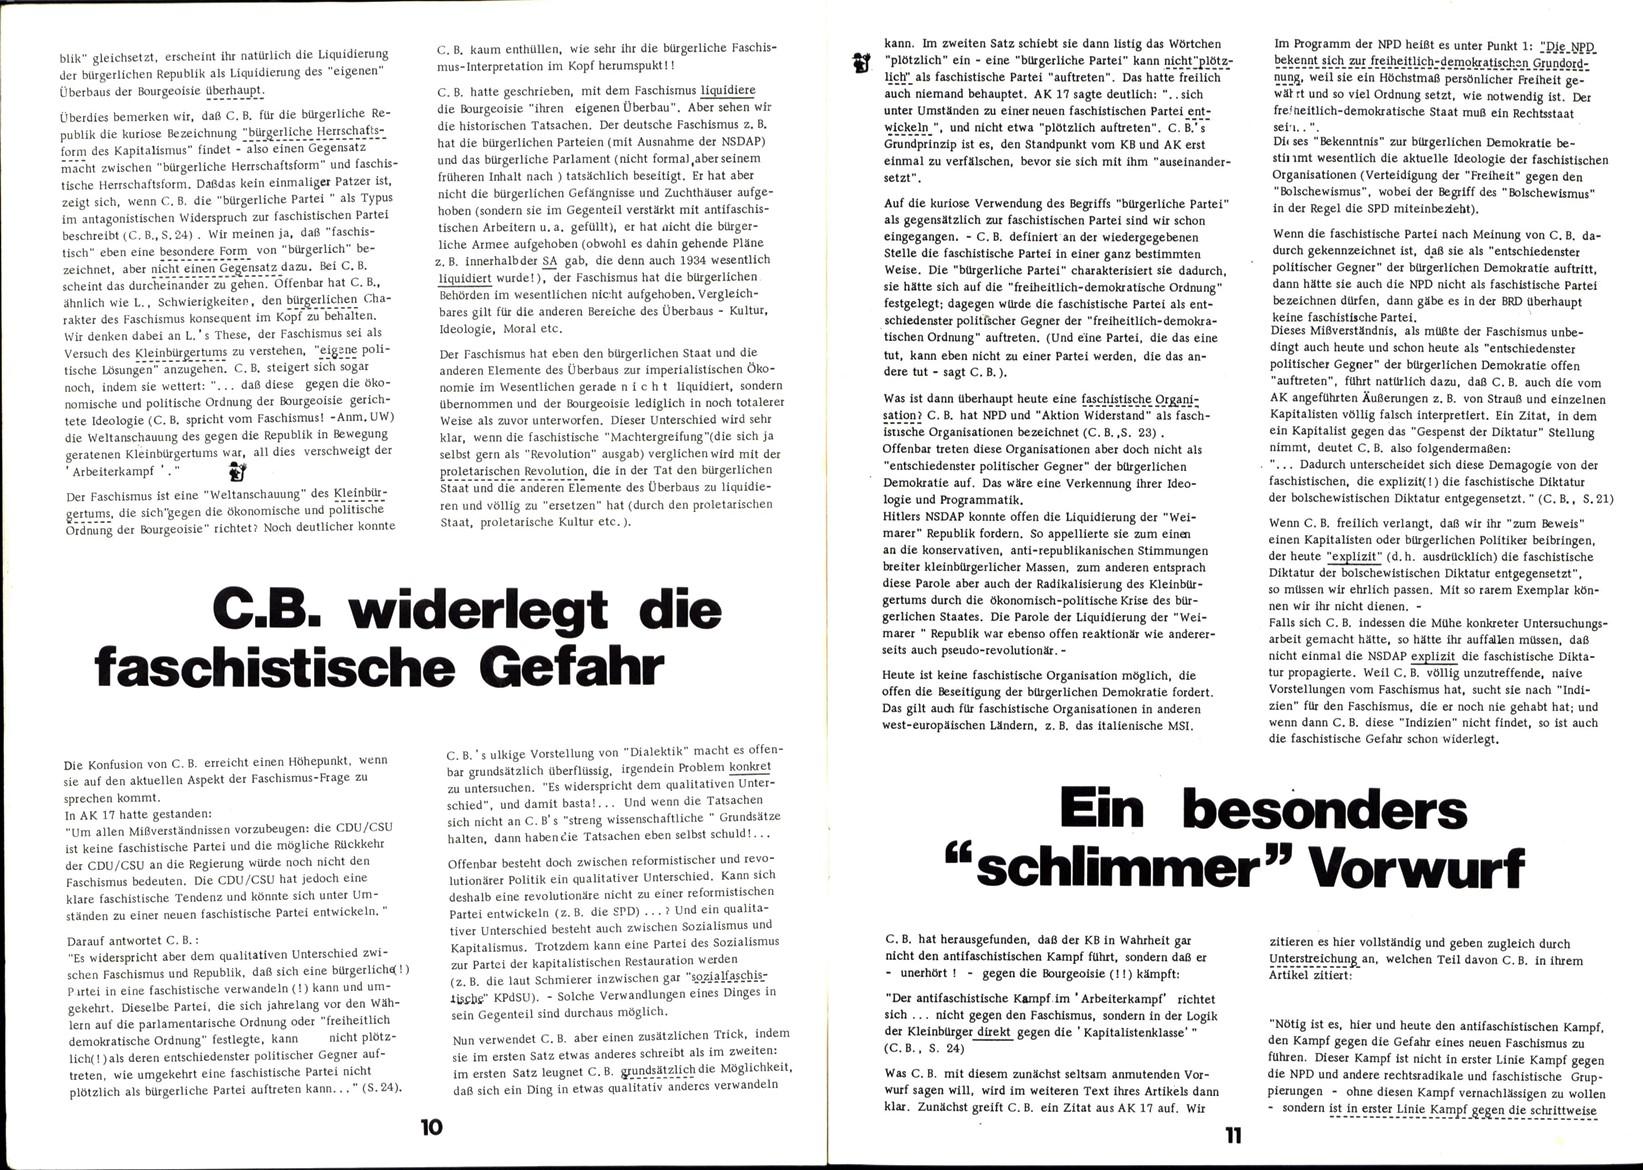 KB_Unser_Weg_1973_19_06